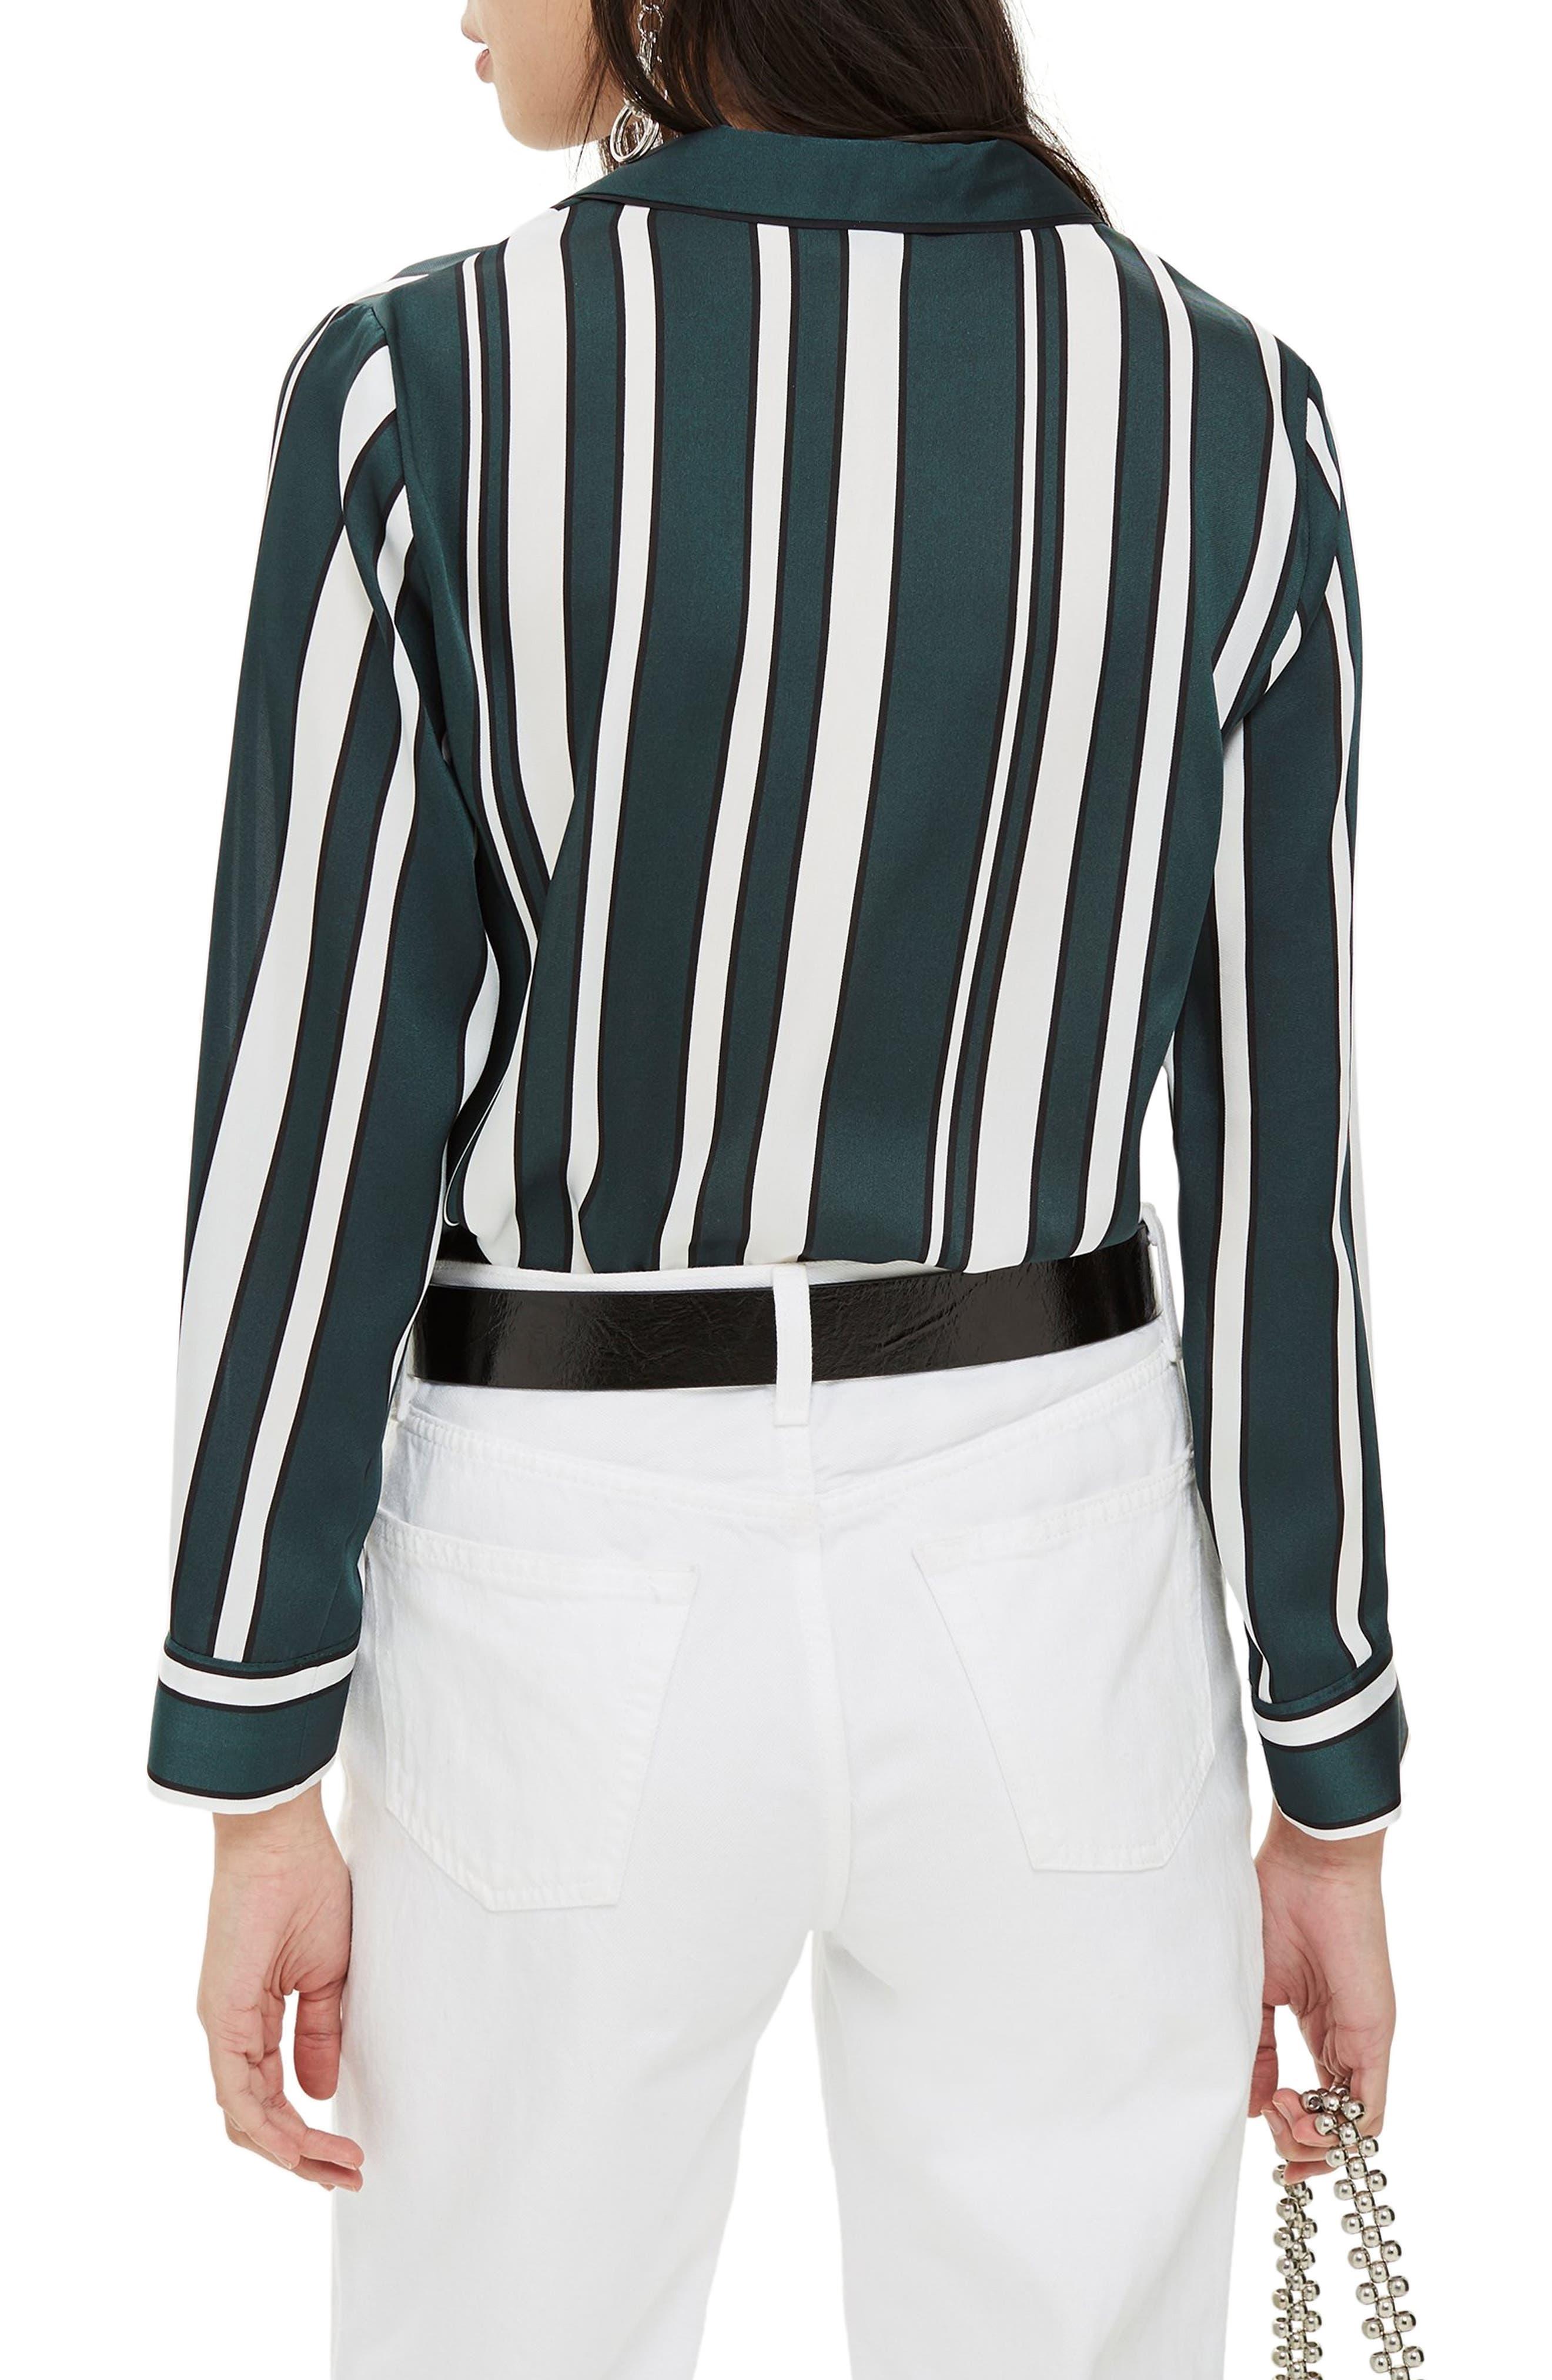 TOPSHOP, Stripe PJ Shirt, Alternate thumbnail 2, color, GREEN MULTI